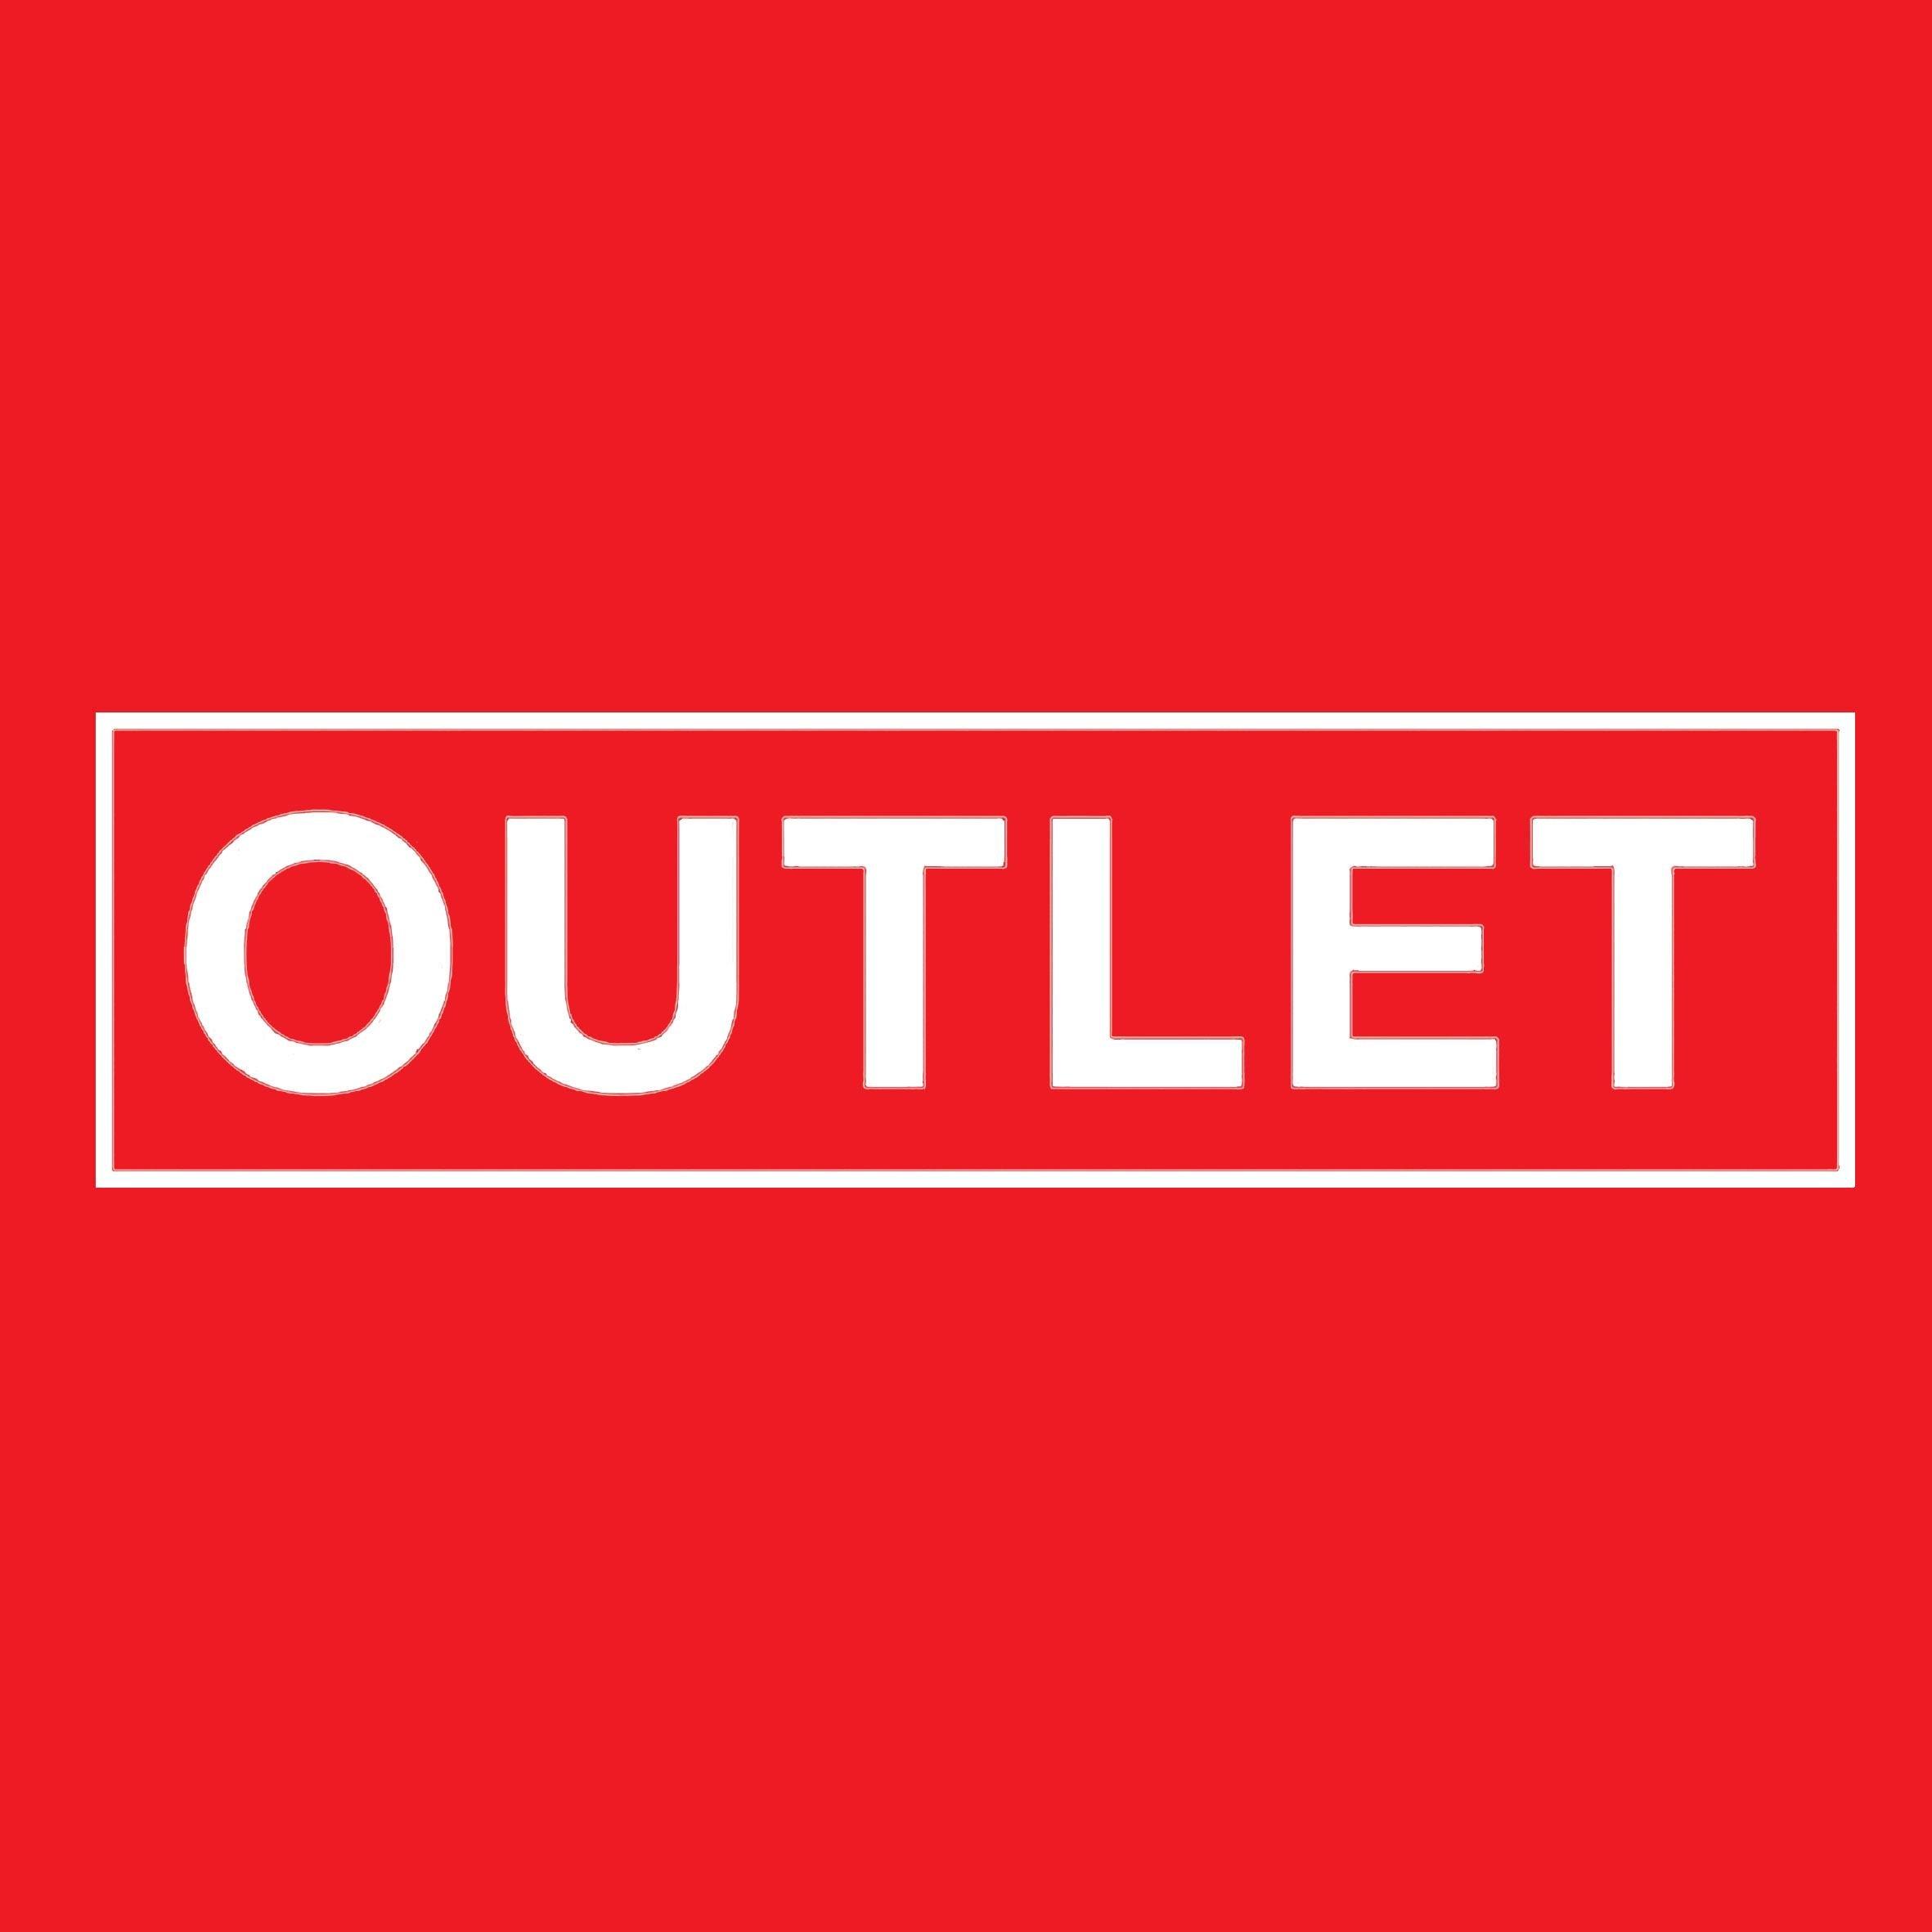 Outlet colchones Madrid: los mejores precios